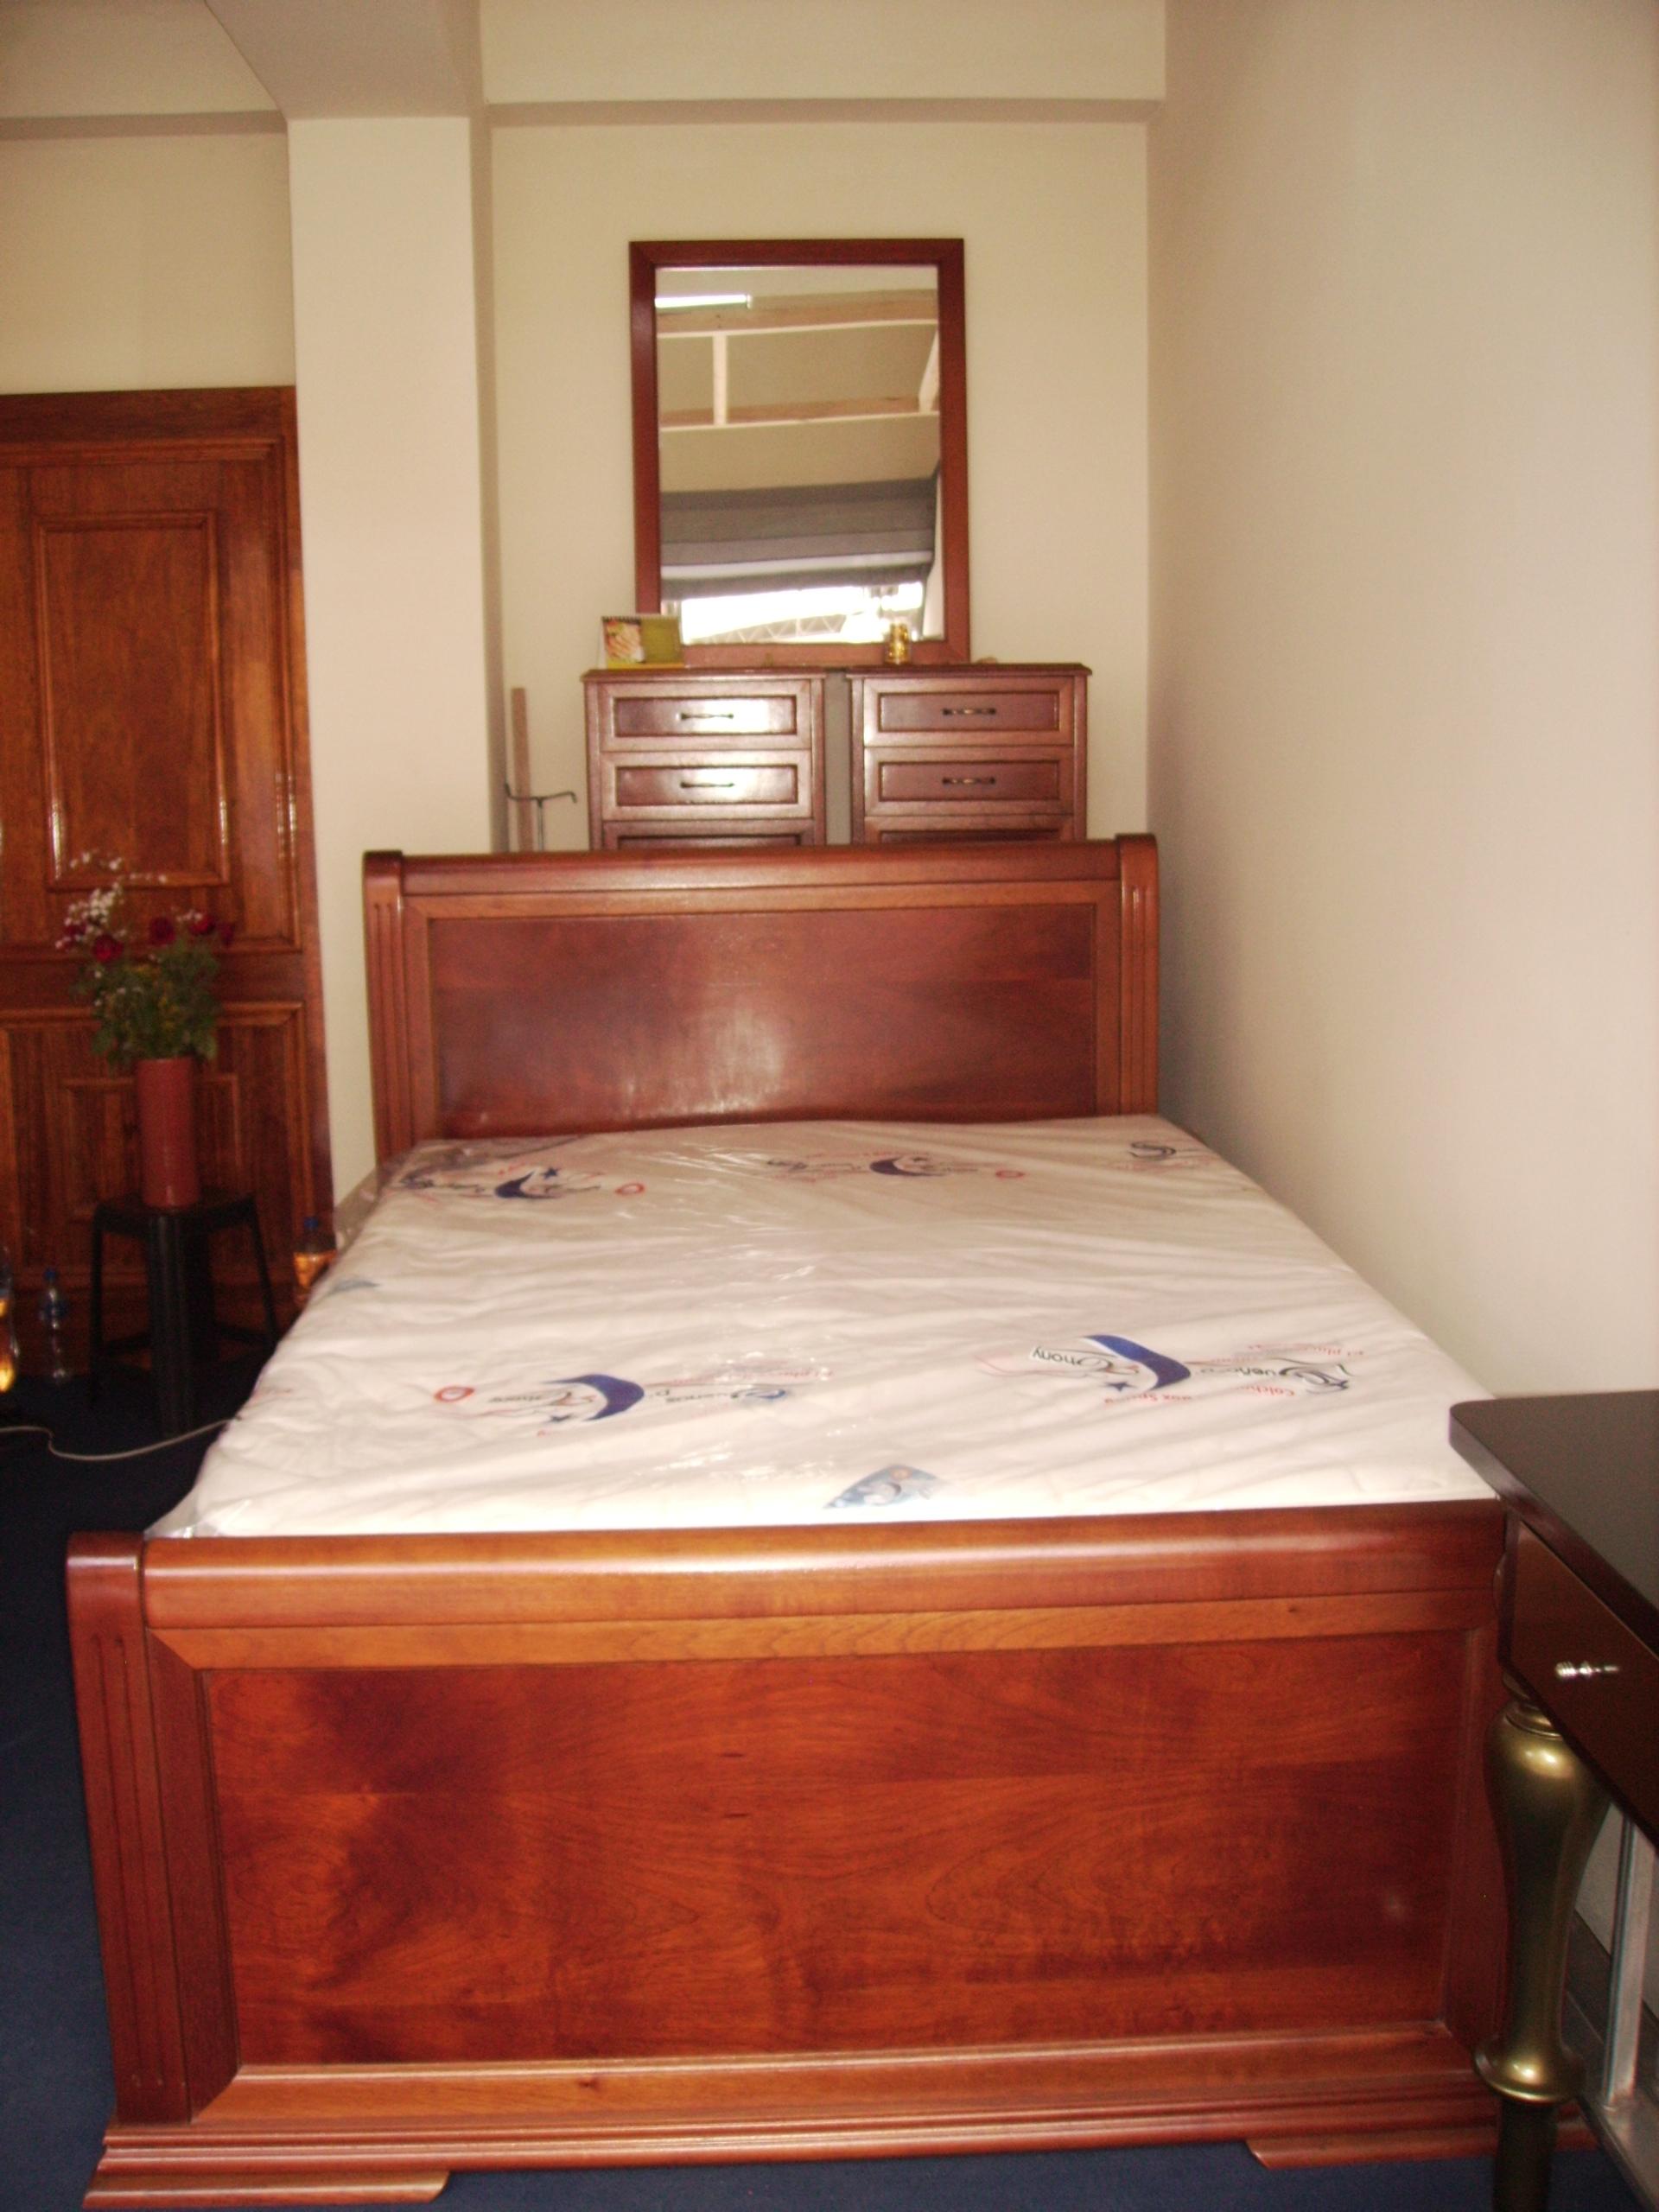 Juego de dormitorio de 2 plazas en madera de cedro for Juego de dormitorio queen